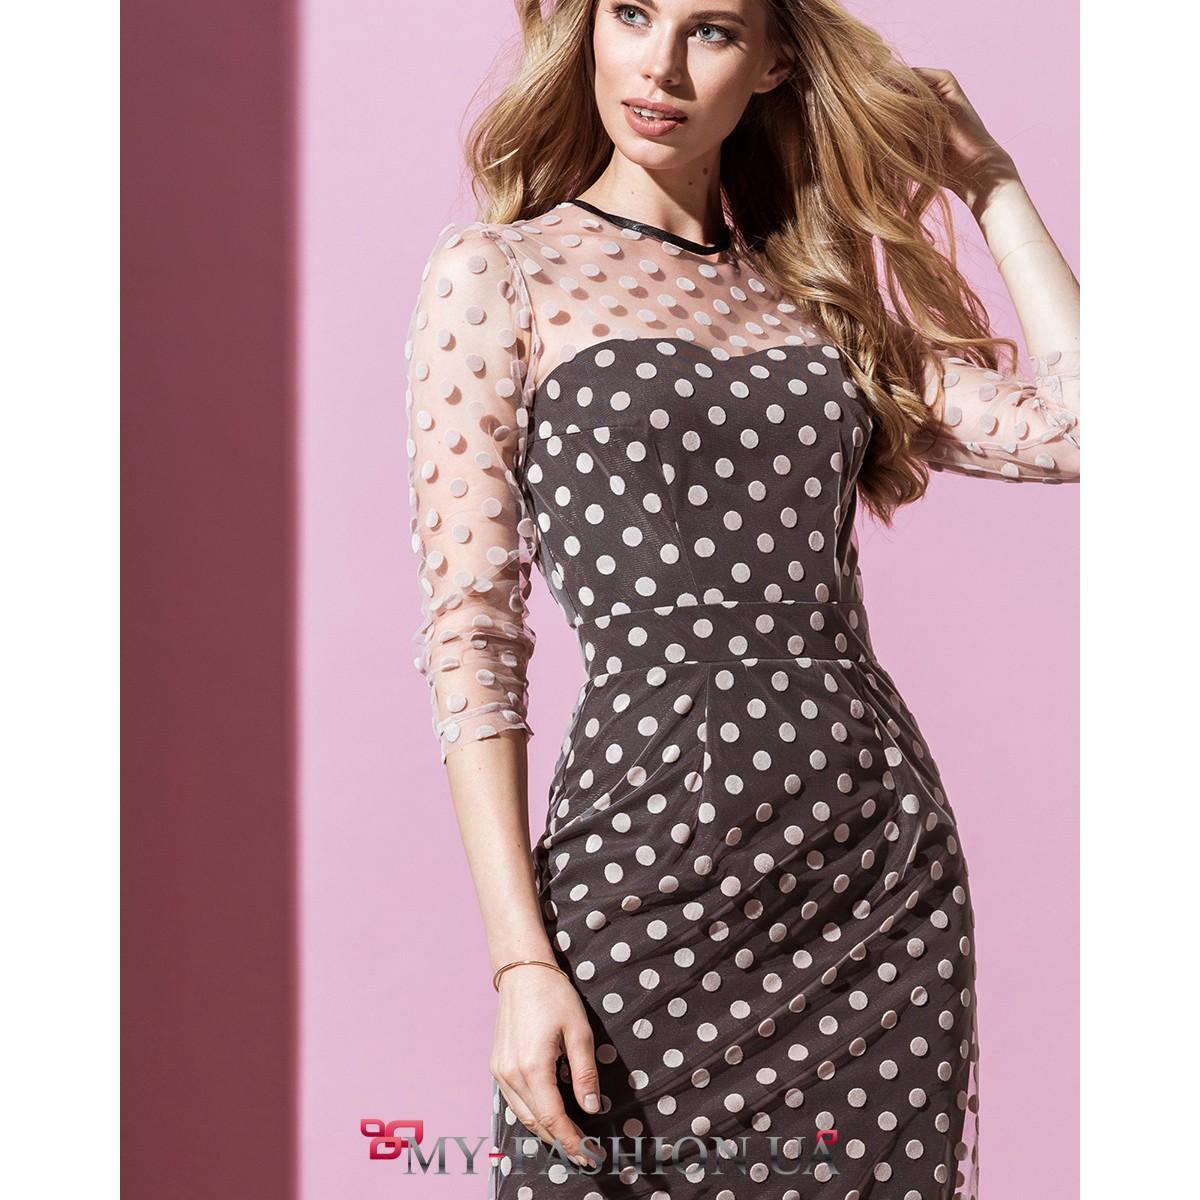 средней длины вечерние платья фото